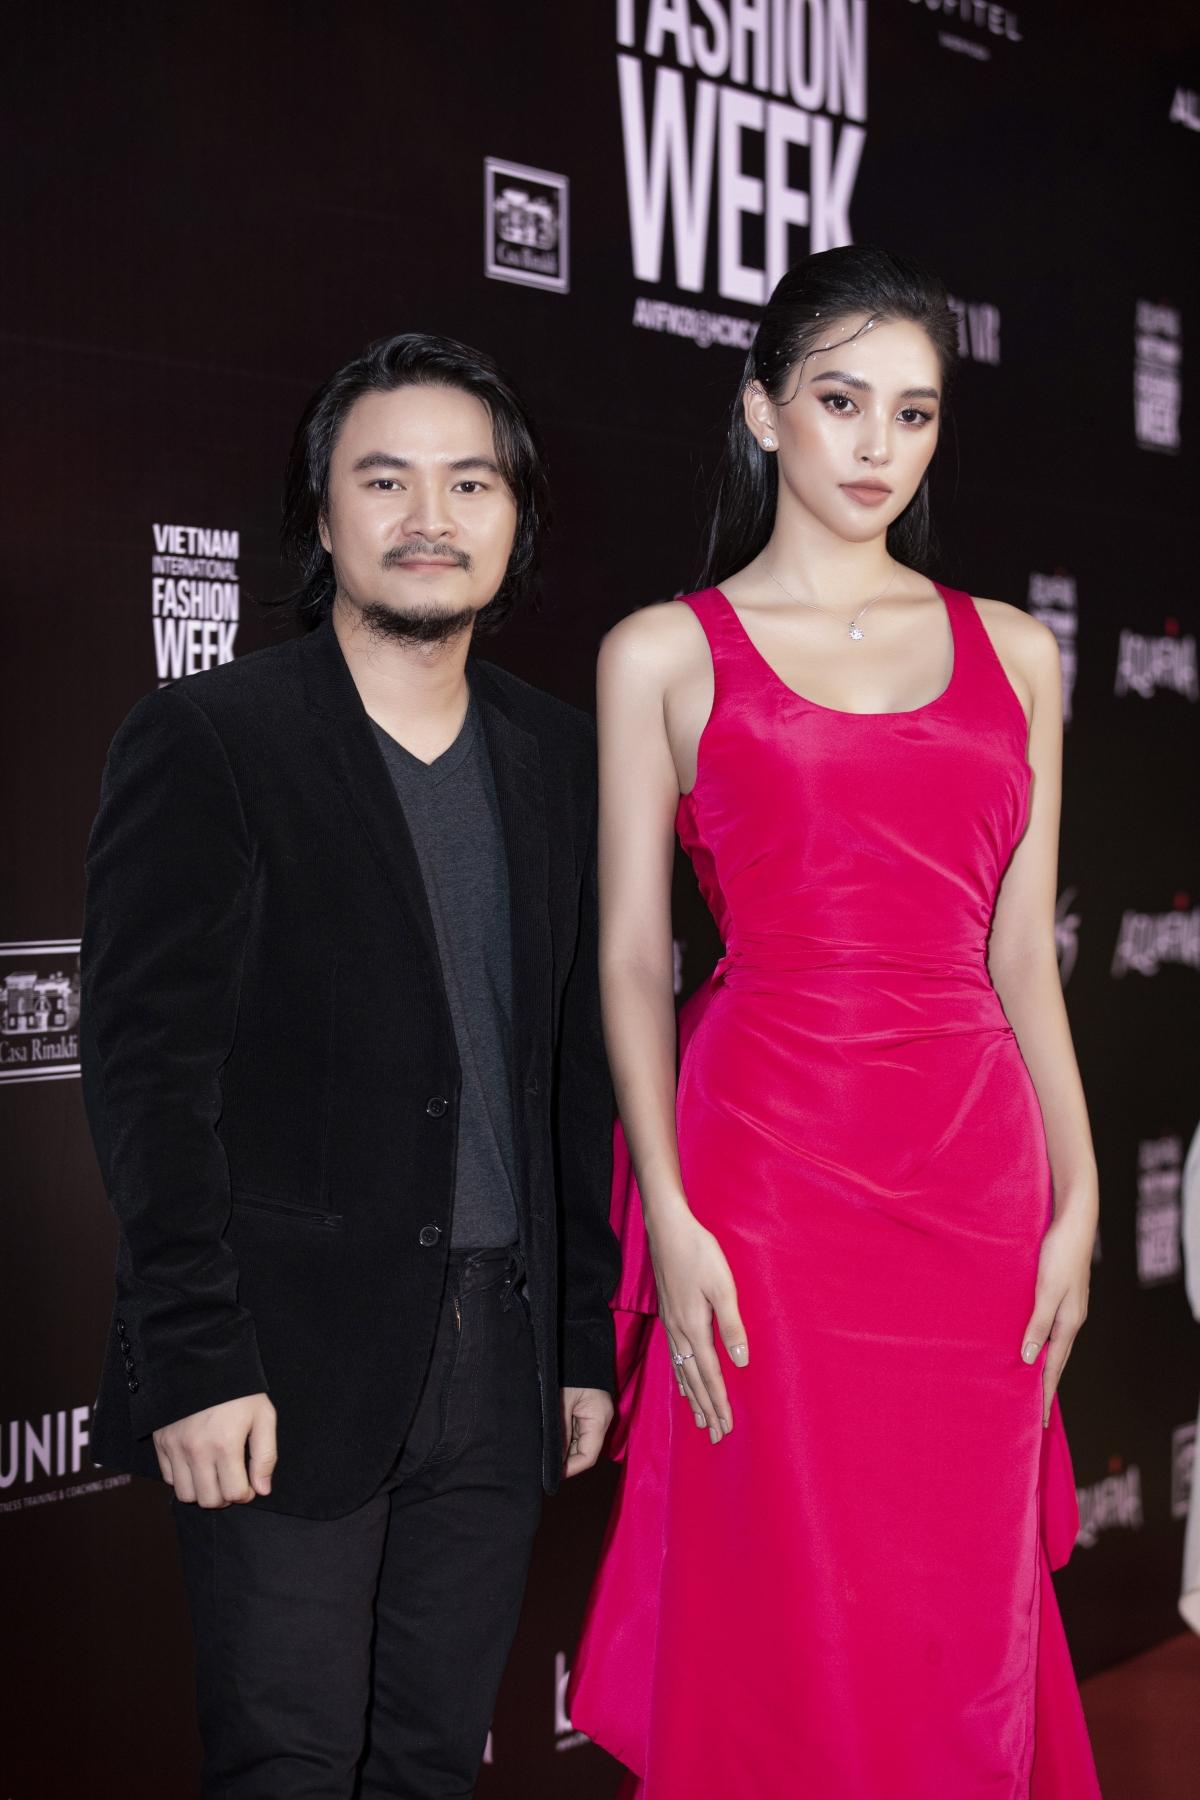 Sánh đôi cùng Tiểu Vy trong sự kiện này là đạo diễn Hoàng Nhật Nam. Với niềm đam mê nghệ thuật, anh cũng không thể bỏ lỡ một sự kiện đặc biệt trong năm như Vietnam International Fashion Week 2020.